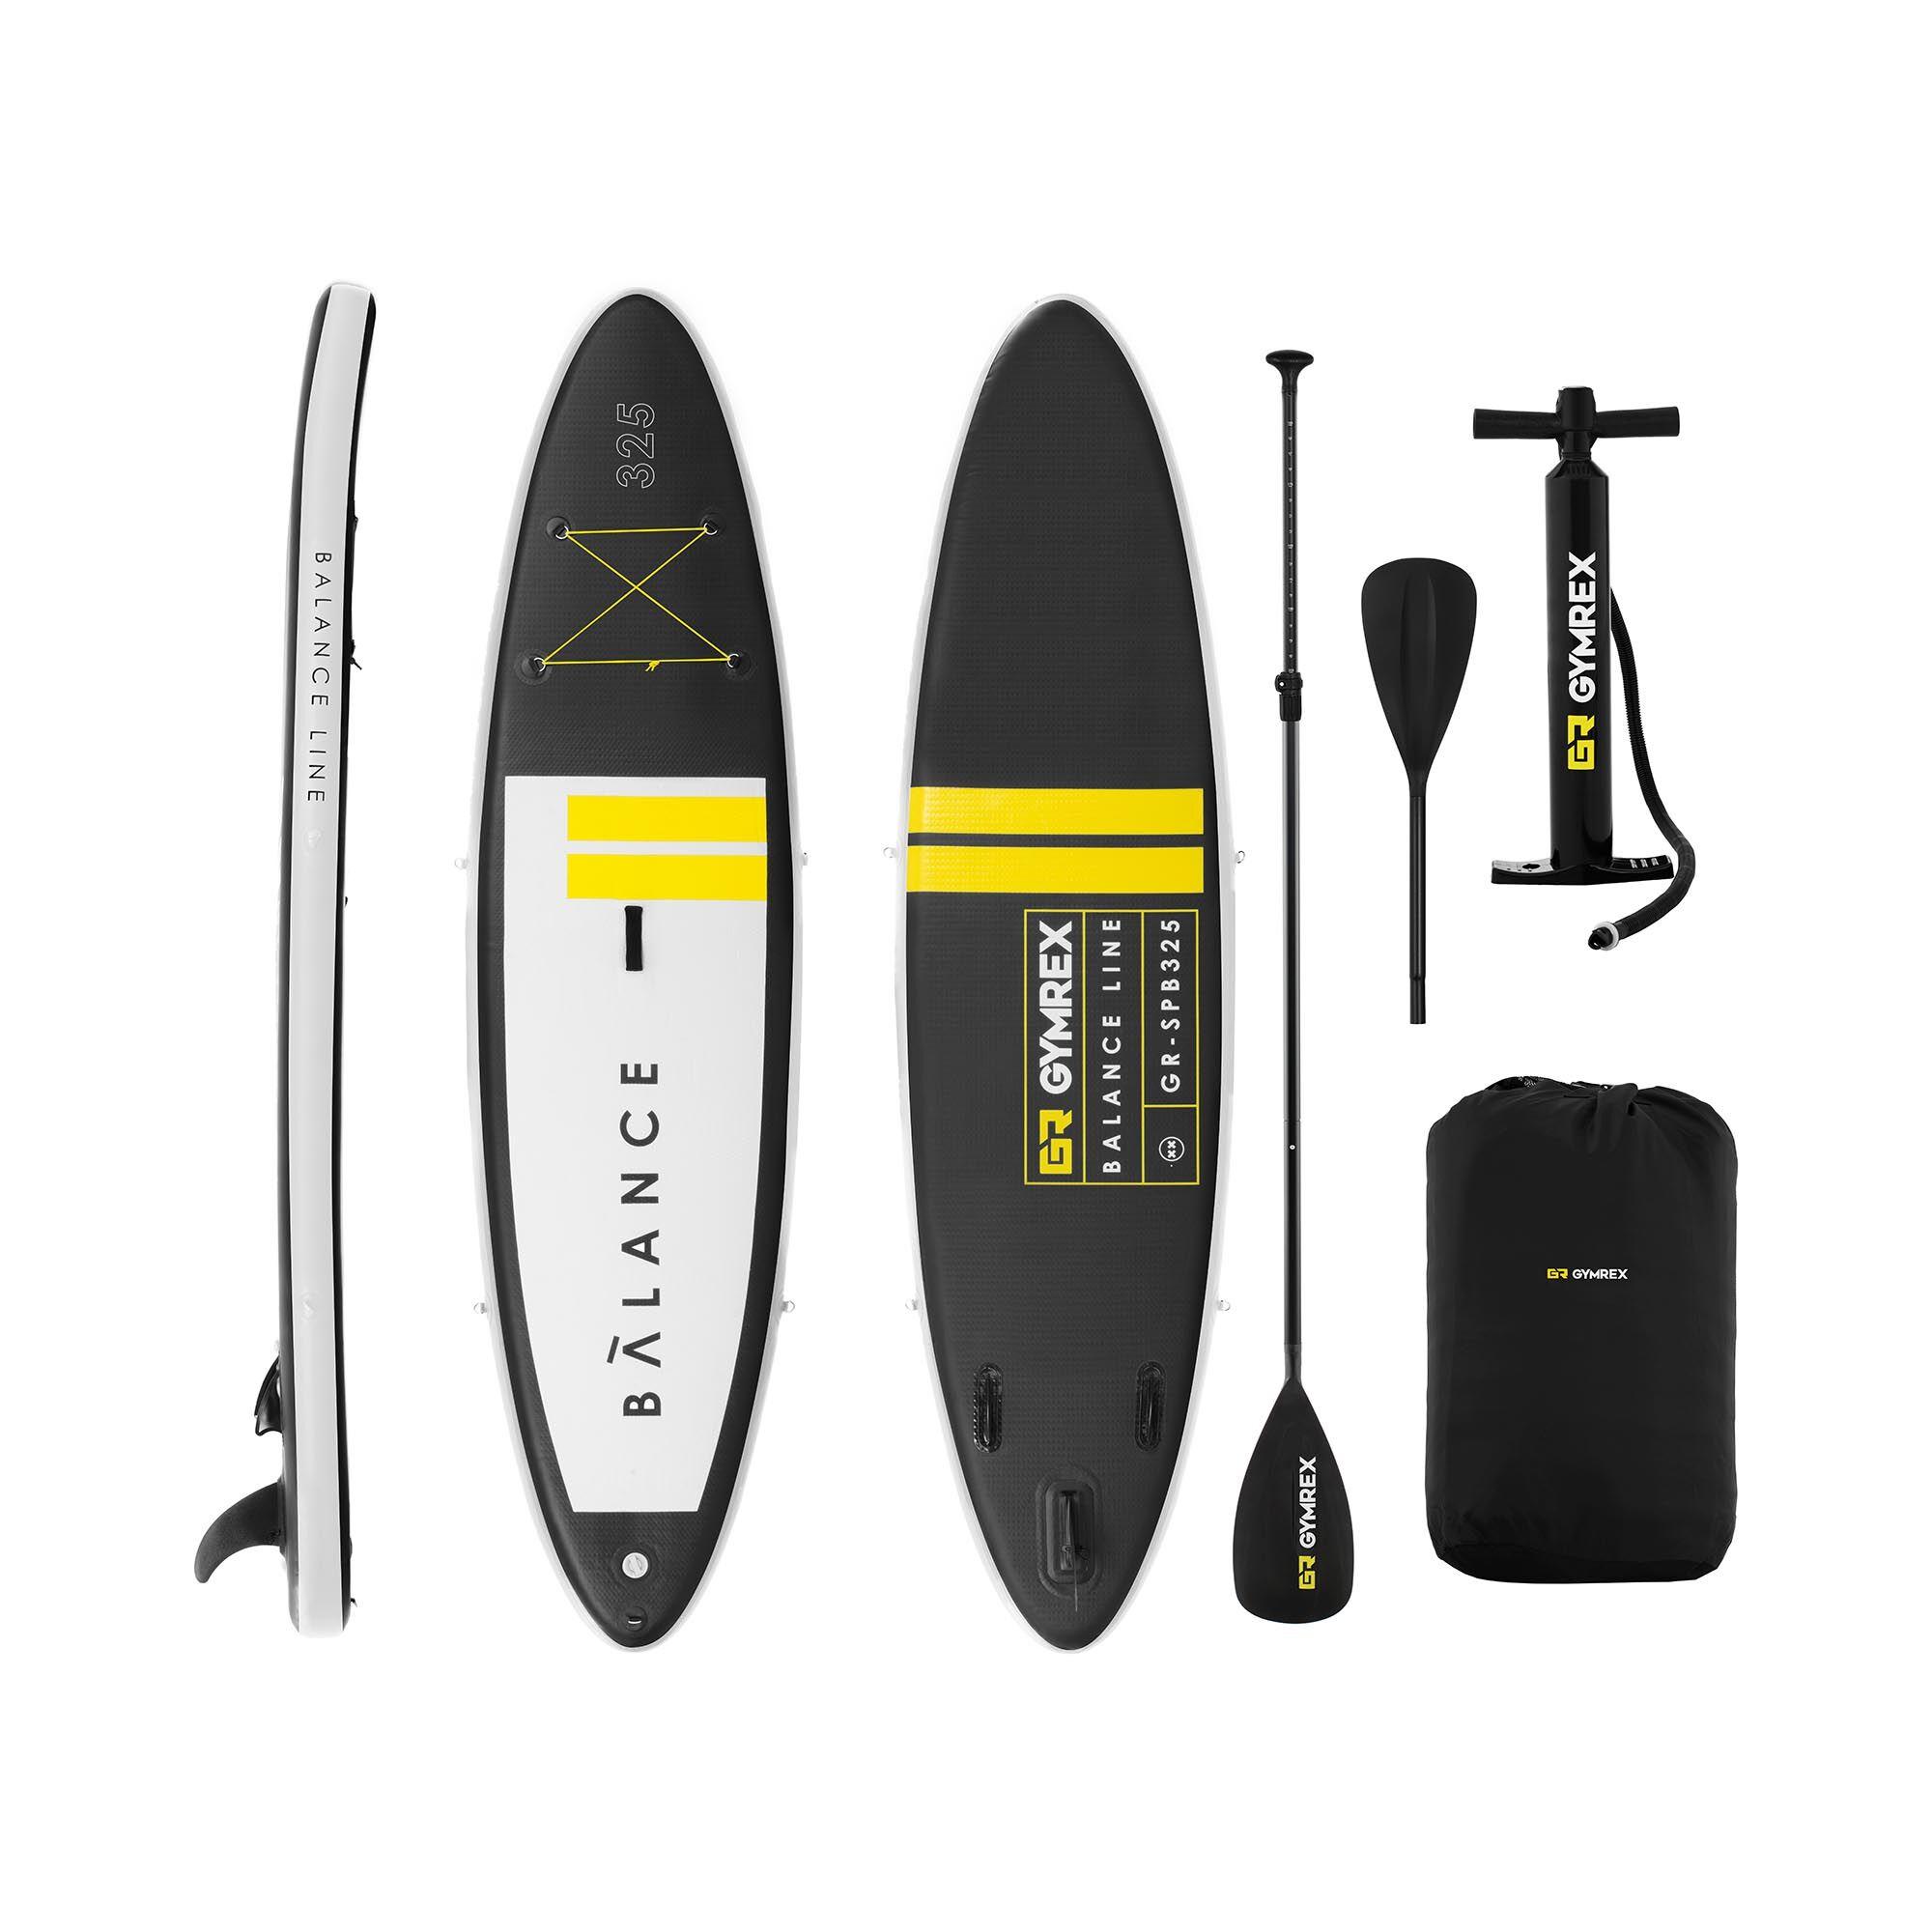 Gymrex SUP gonfiabile - 145 kg - nero/giallo - Set con remo e accessori GR-SPB325